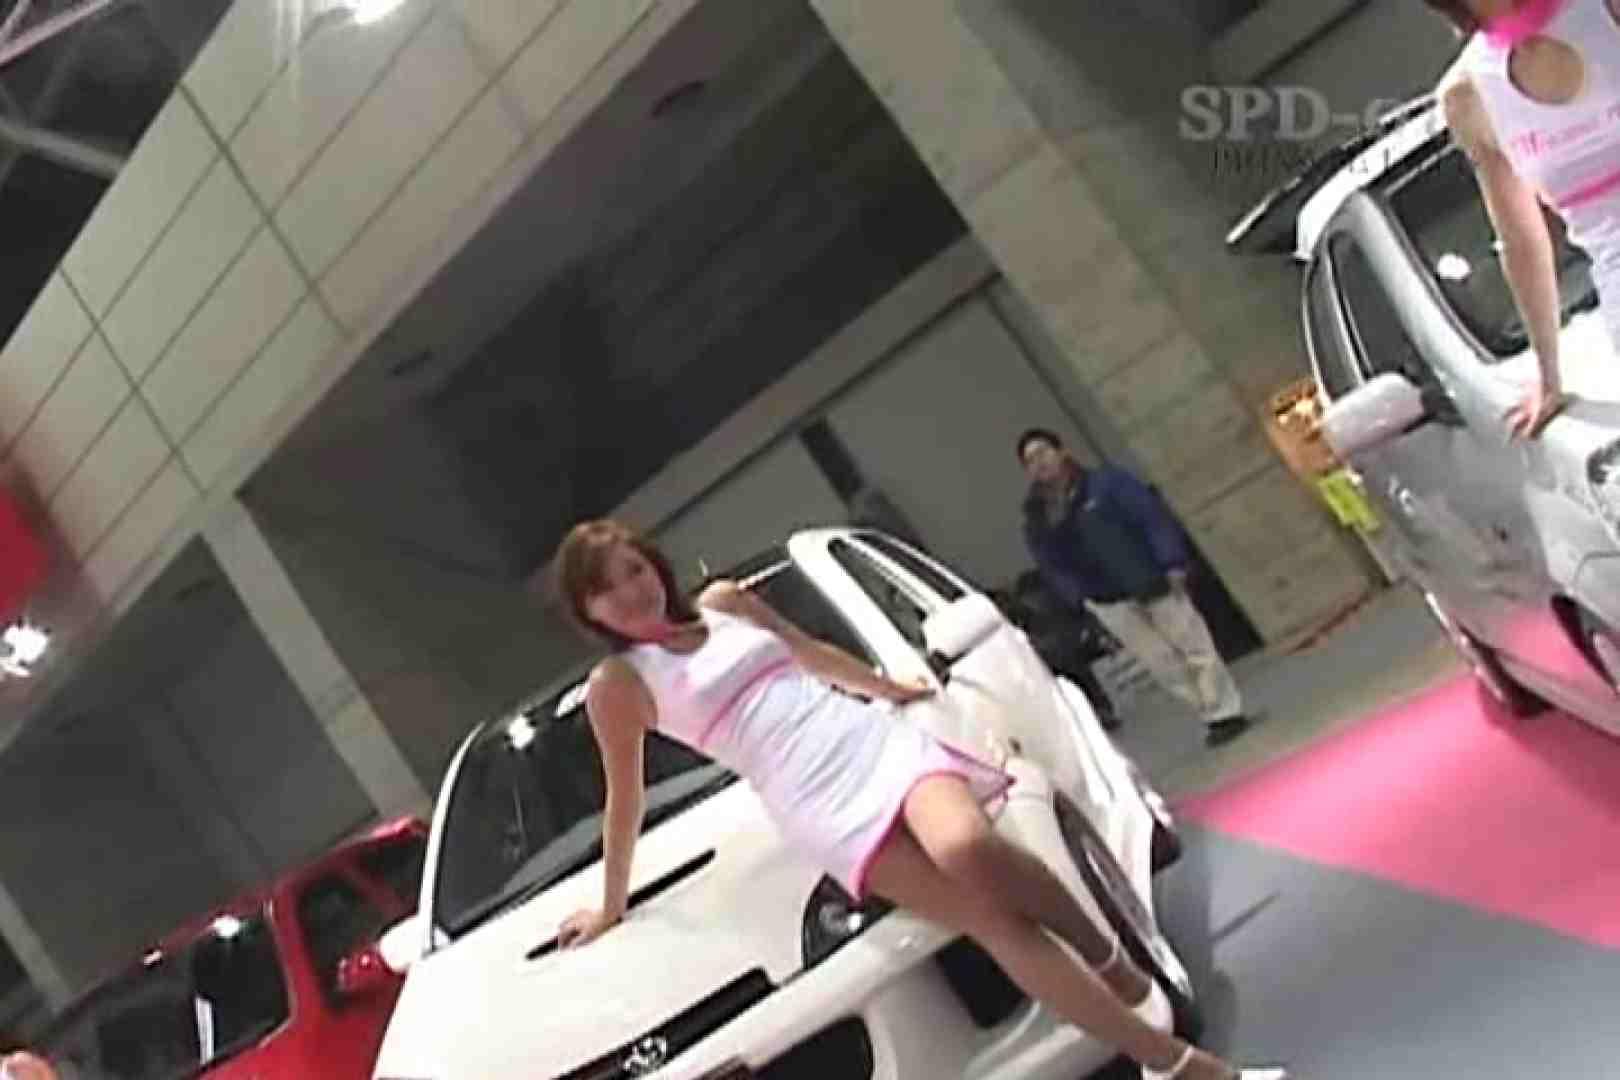 高画質版!SPD-013 ザ・コンパニオン 01 東京オートサロン2001 Vol.2 OLセックス | 名作  85画像 53